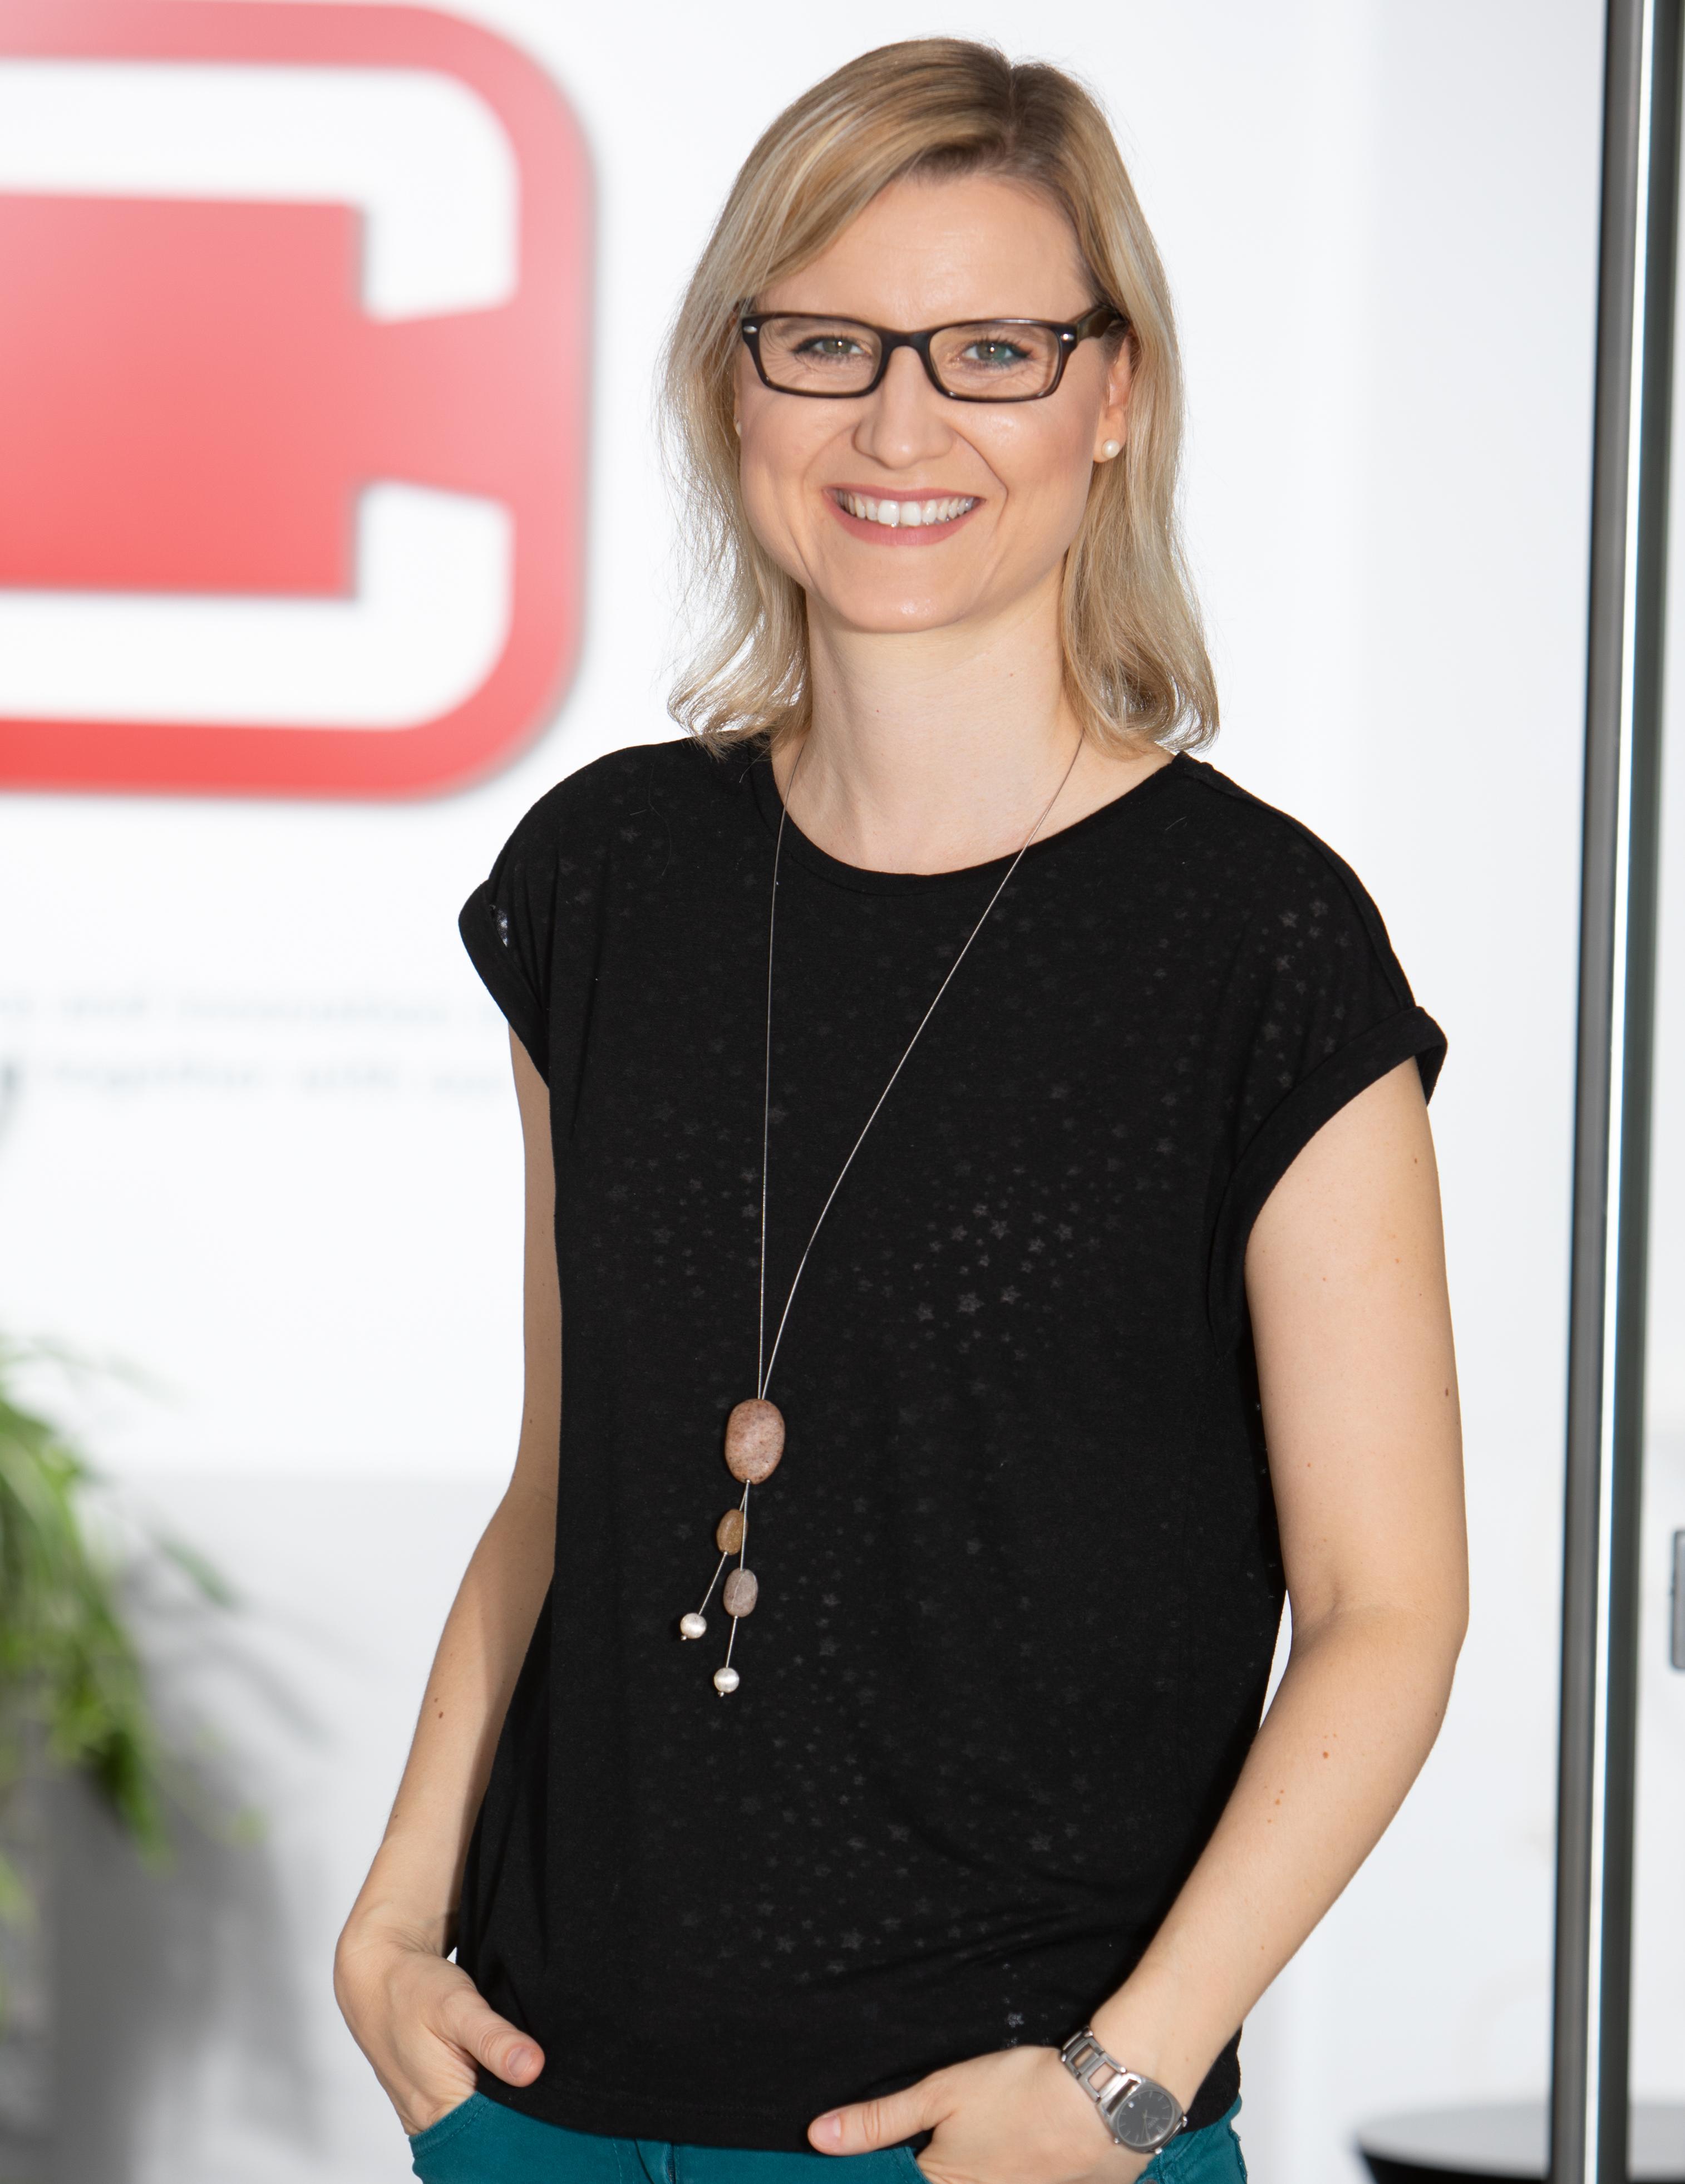 Verena Hackenberger